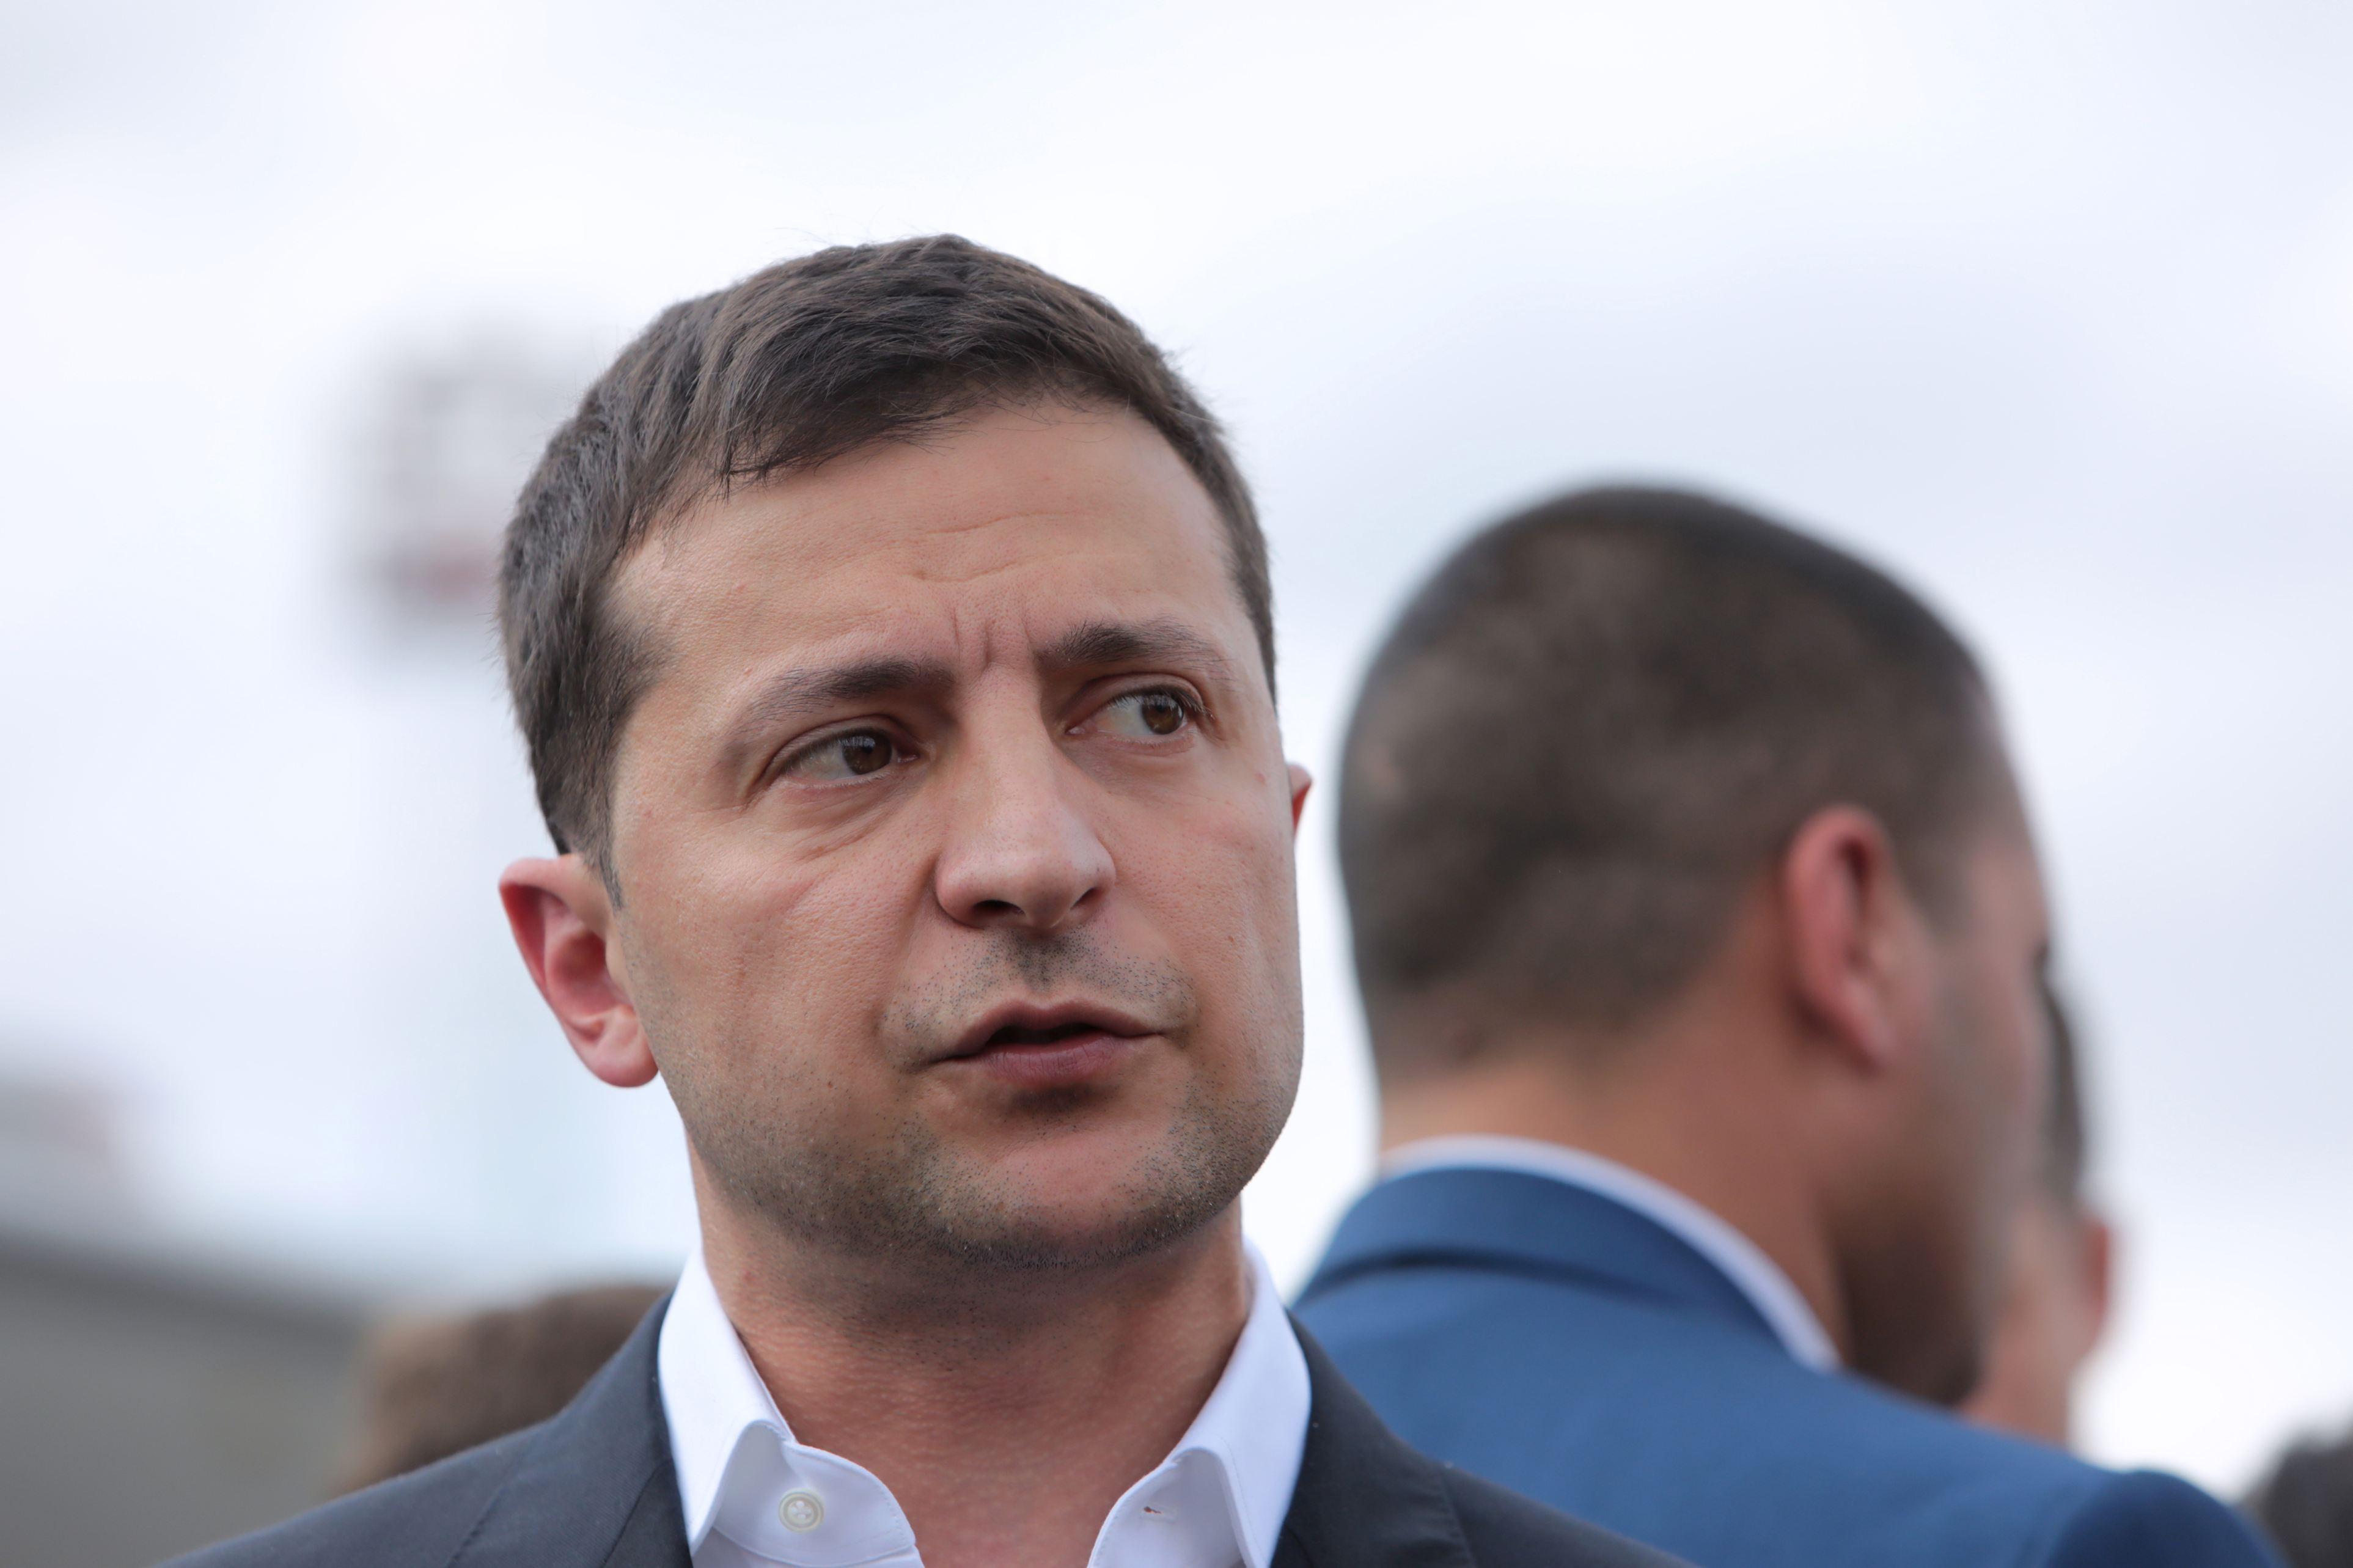 Preşedintele Ucrainei l-a demis pe comandantul Forţelor Armate. Motivul din spatele deciziei